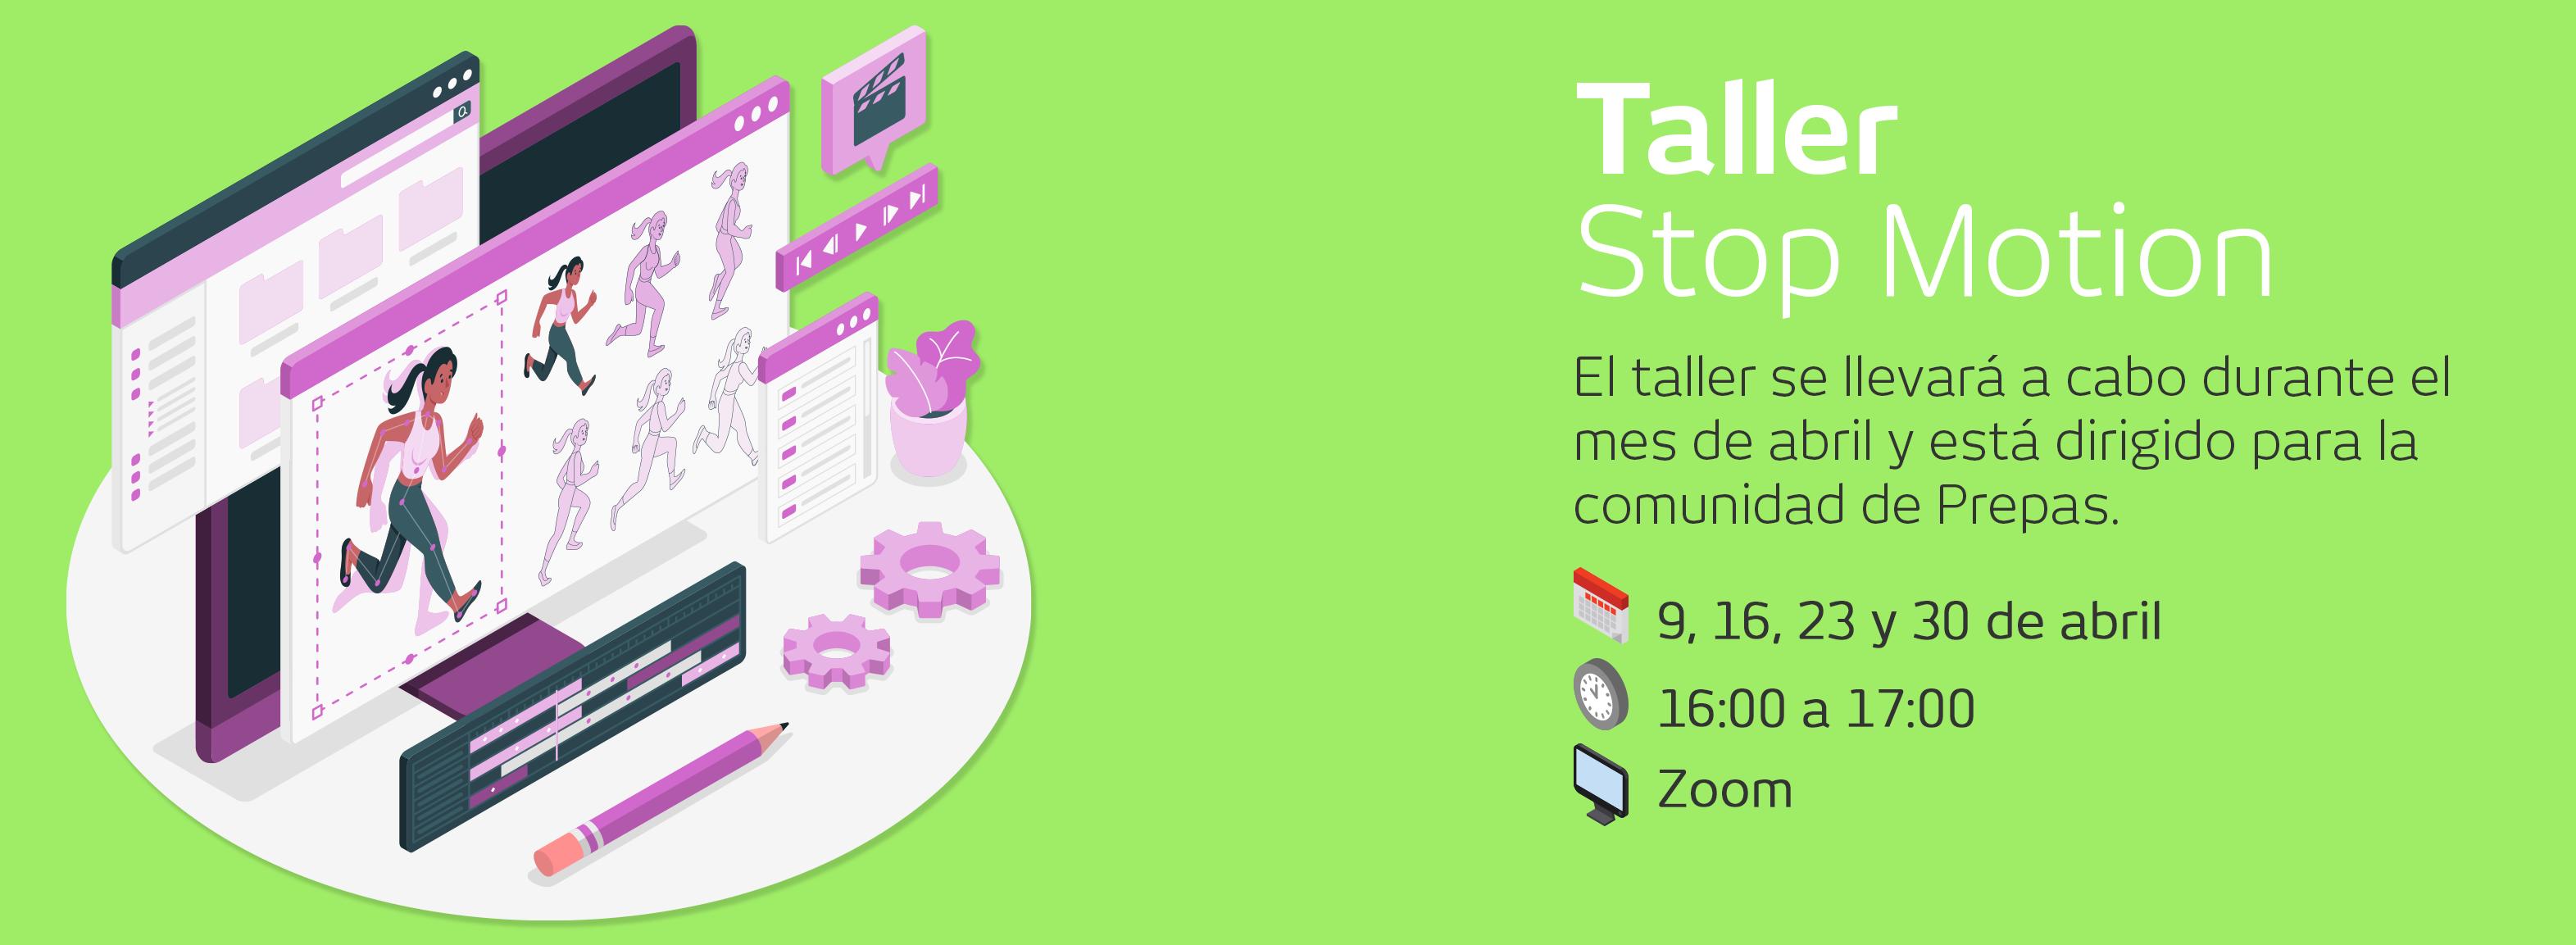 TallerStopMotionslider